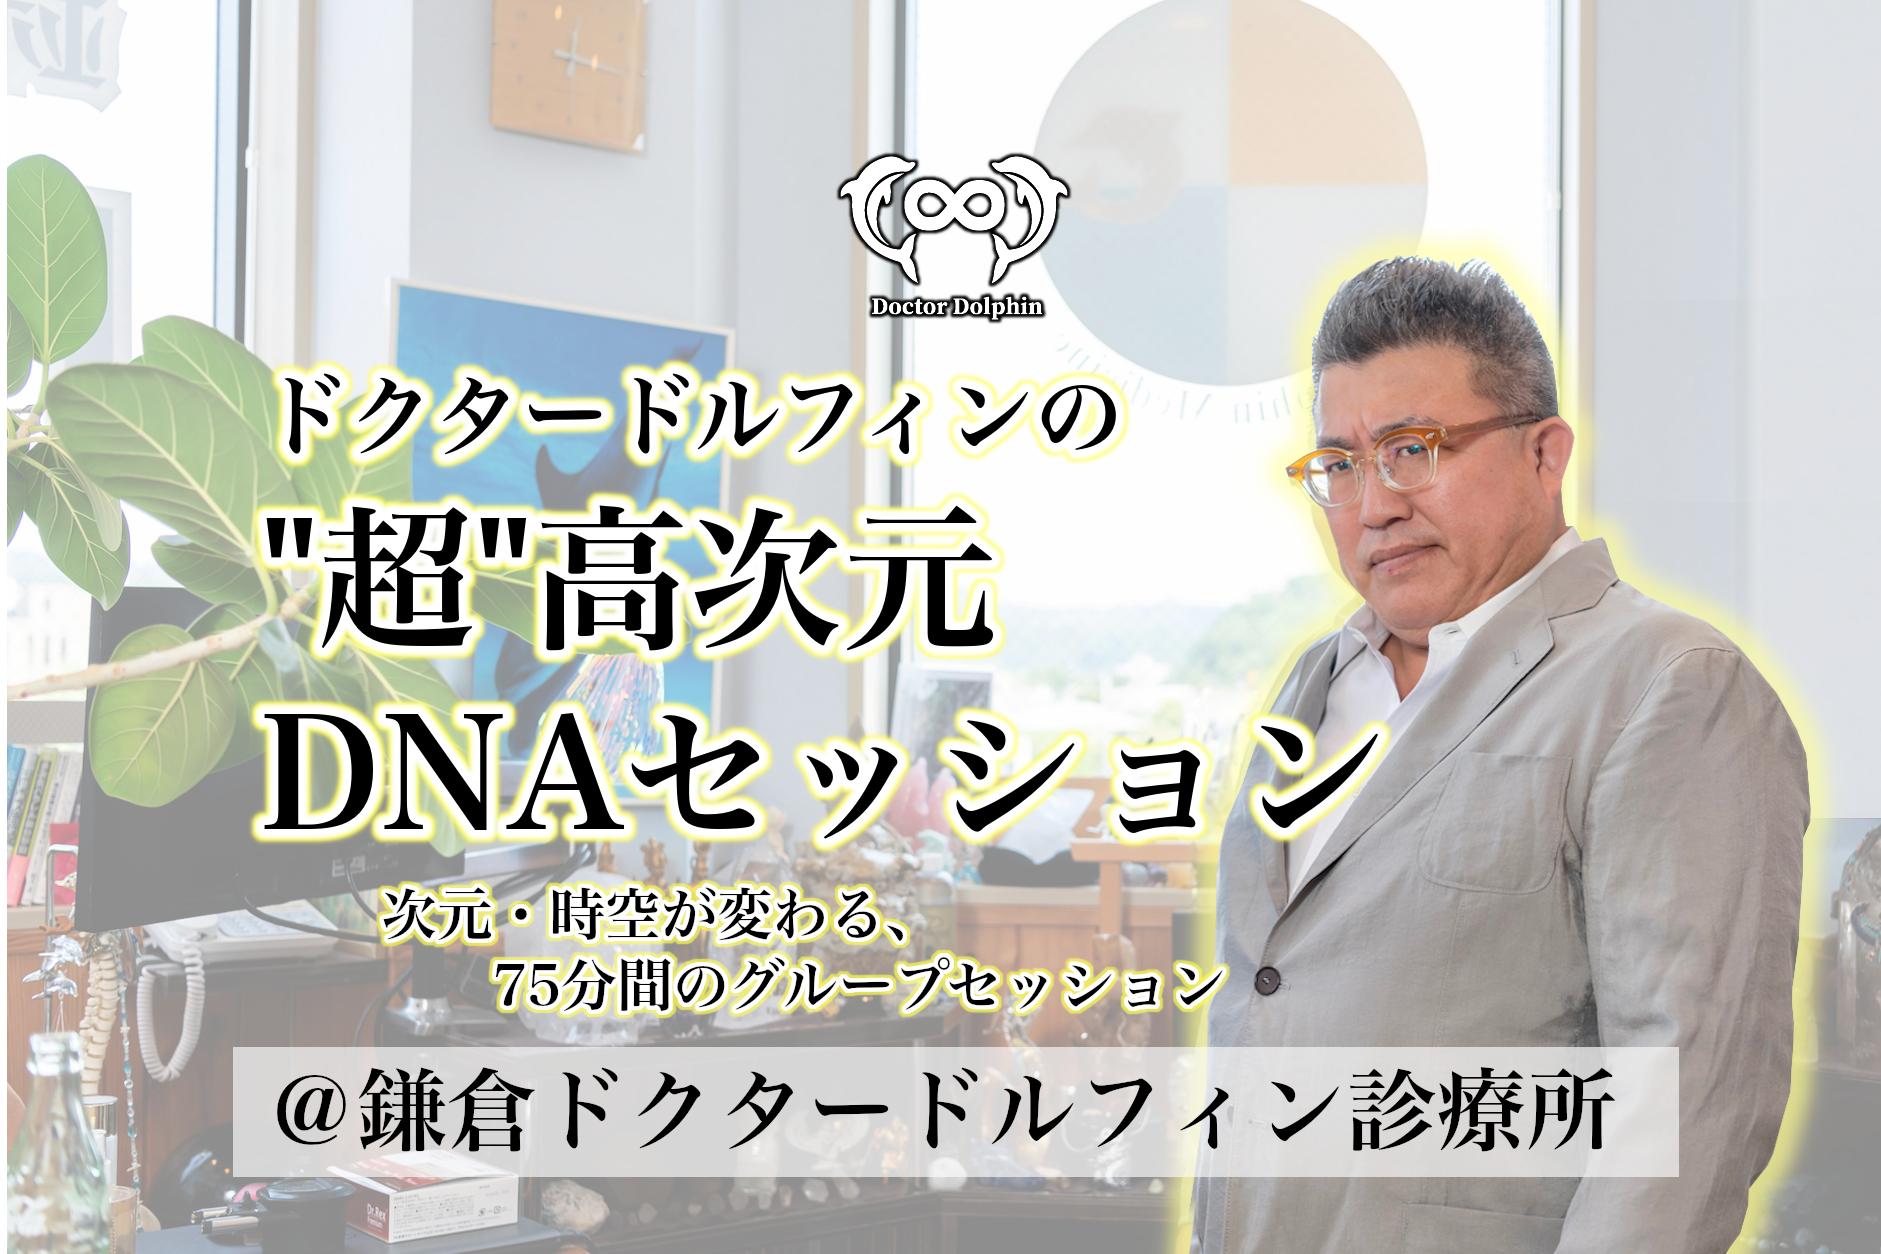 超高次元DNAセッション